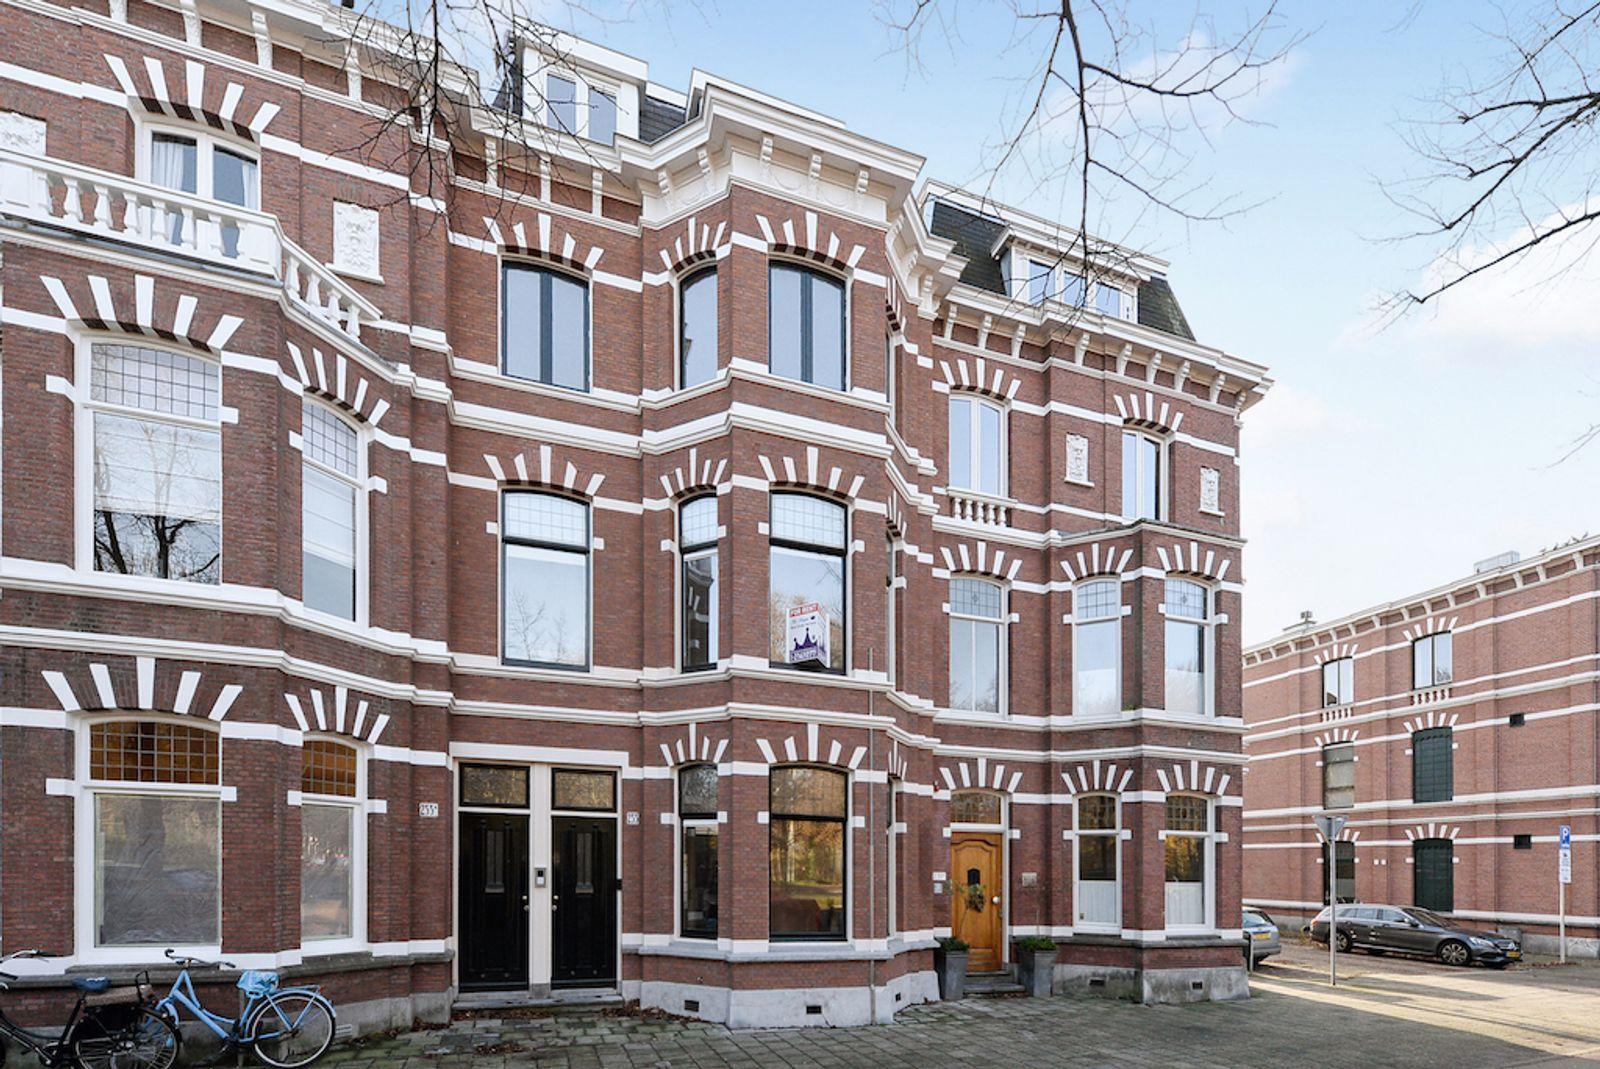 Van Lieshout Keukens : Tag keuken van lieshout kruize nvm makelaars & taxateurs o.g.